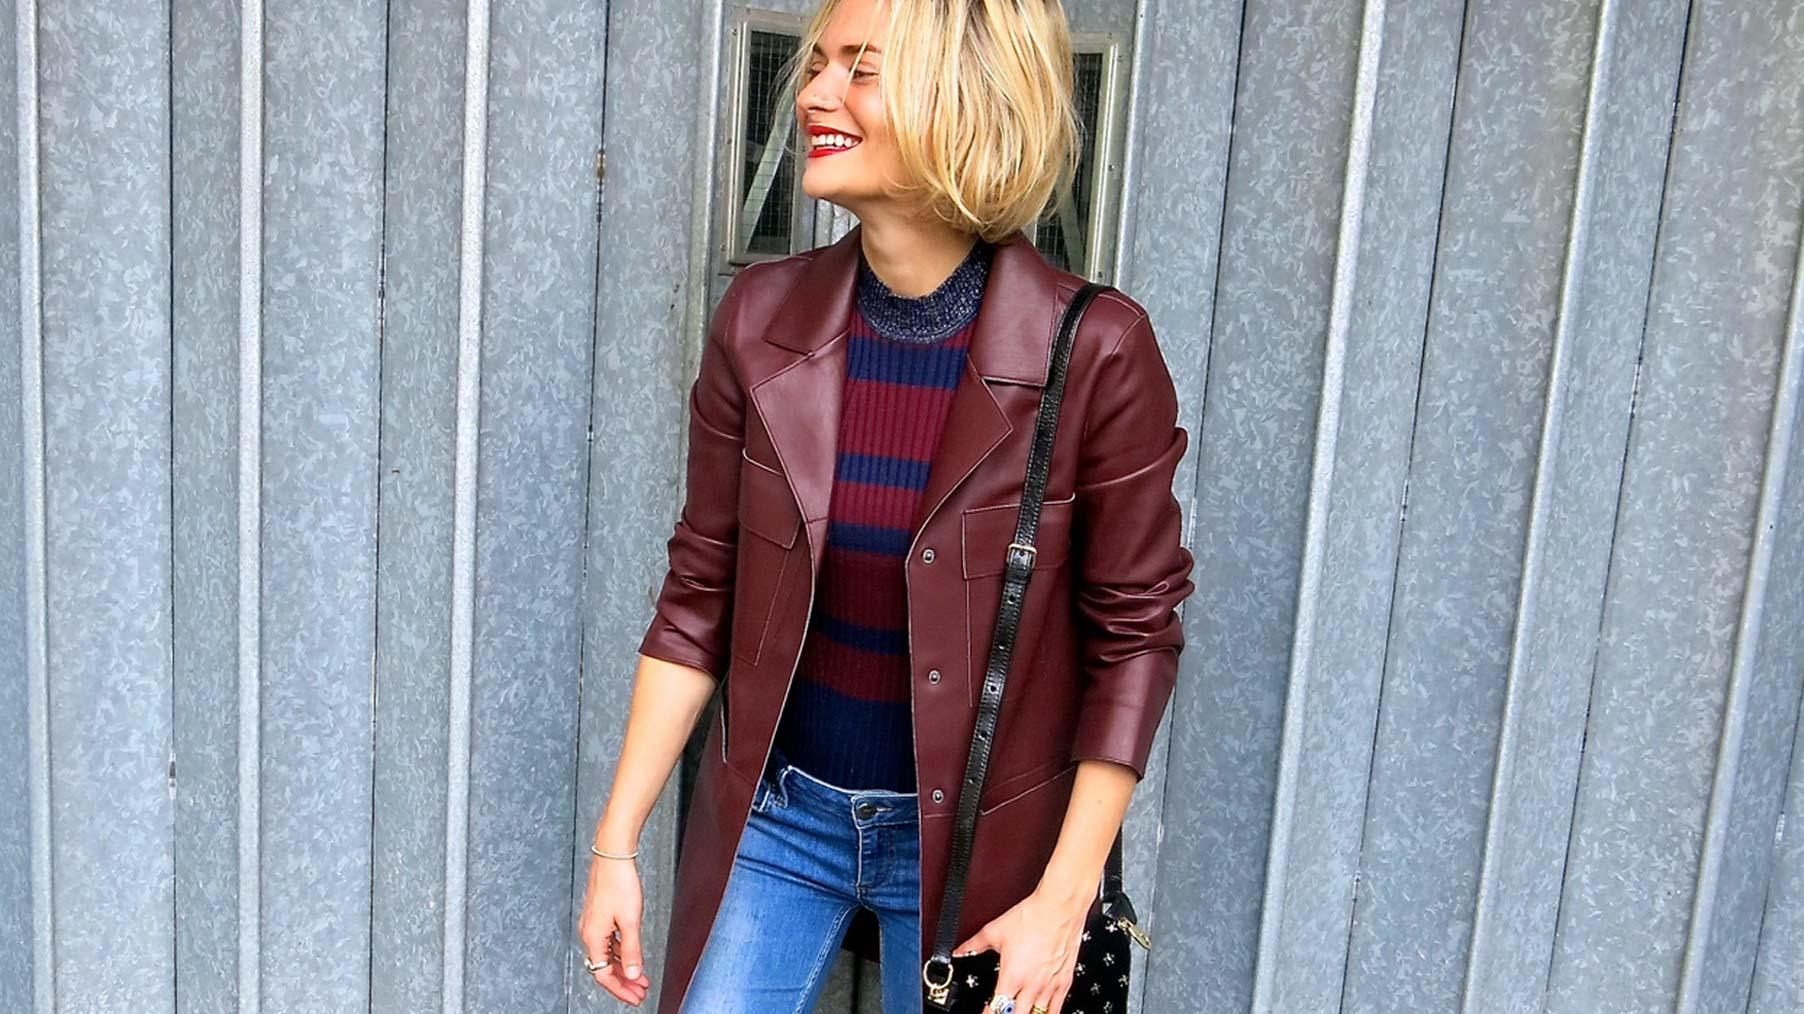 Sunday Times Style 39 S Pandora Sykes On Her Beauty Secrets